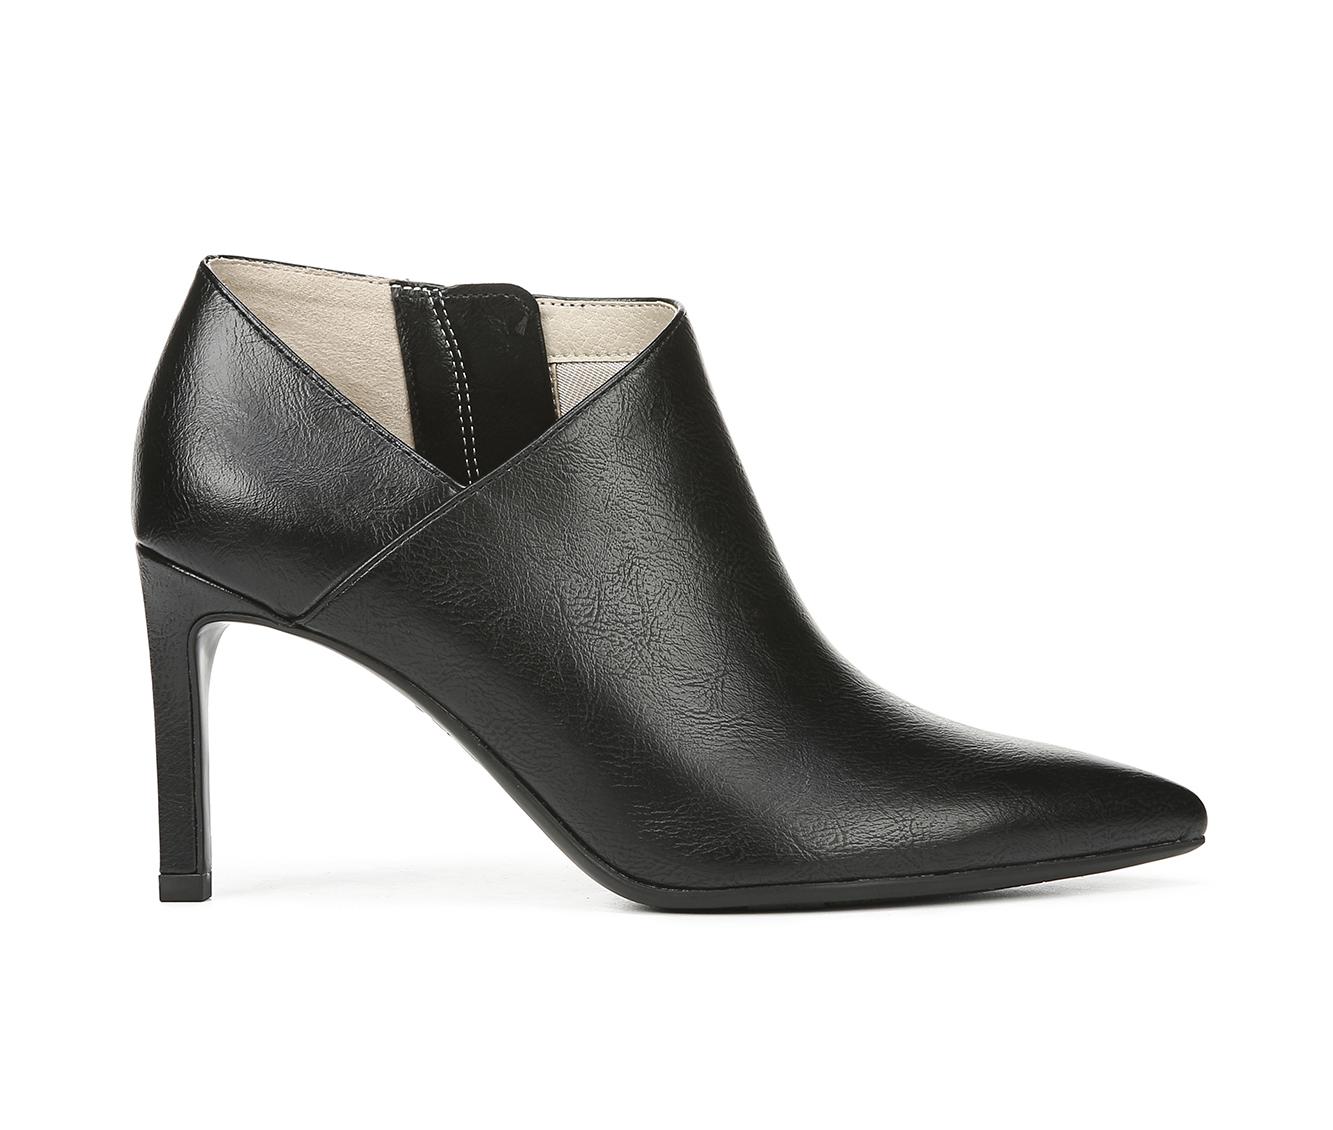 LifeStride Nicolette Women's Dress Shoe (Black Faux Leather)